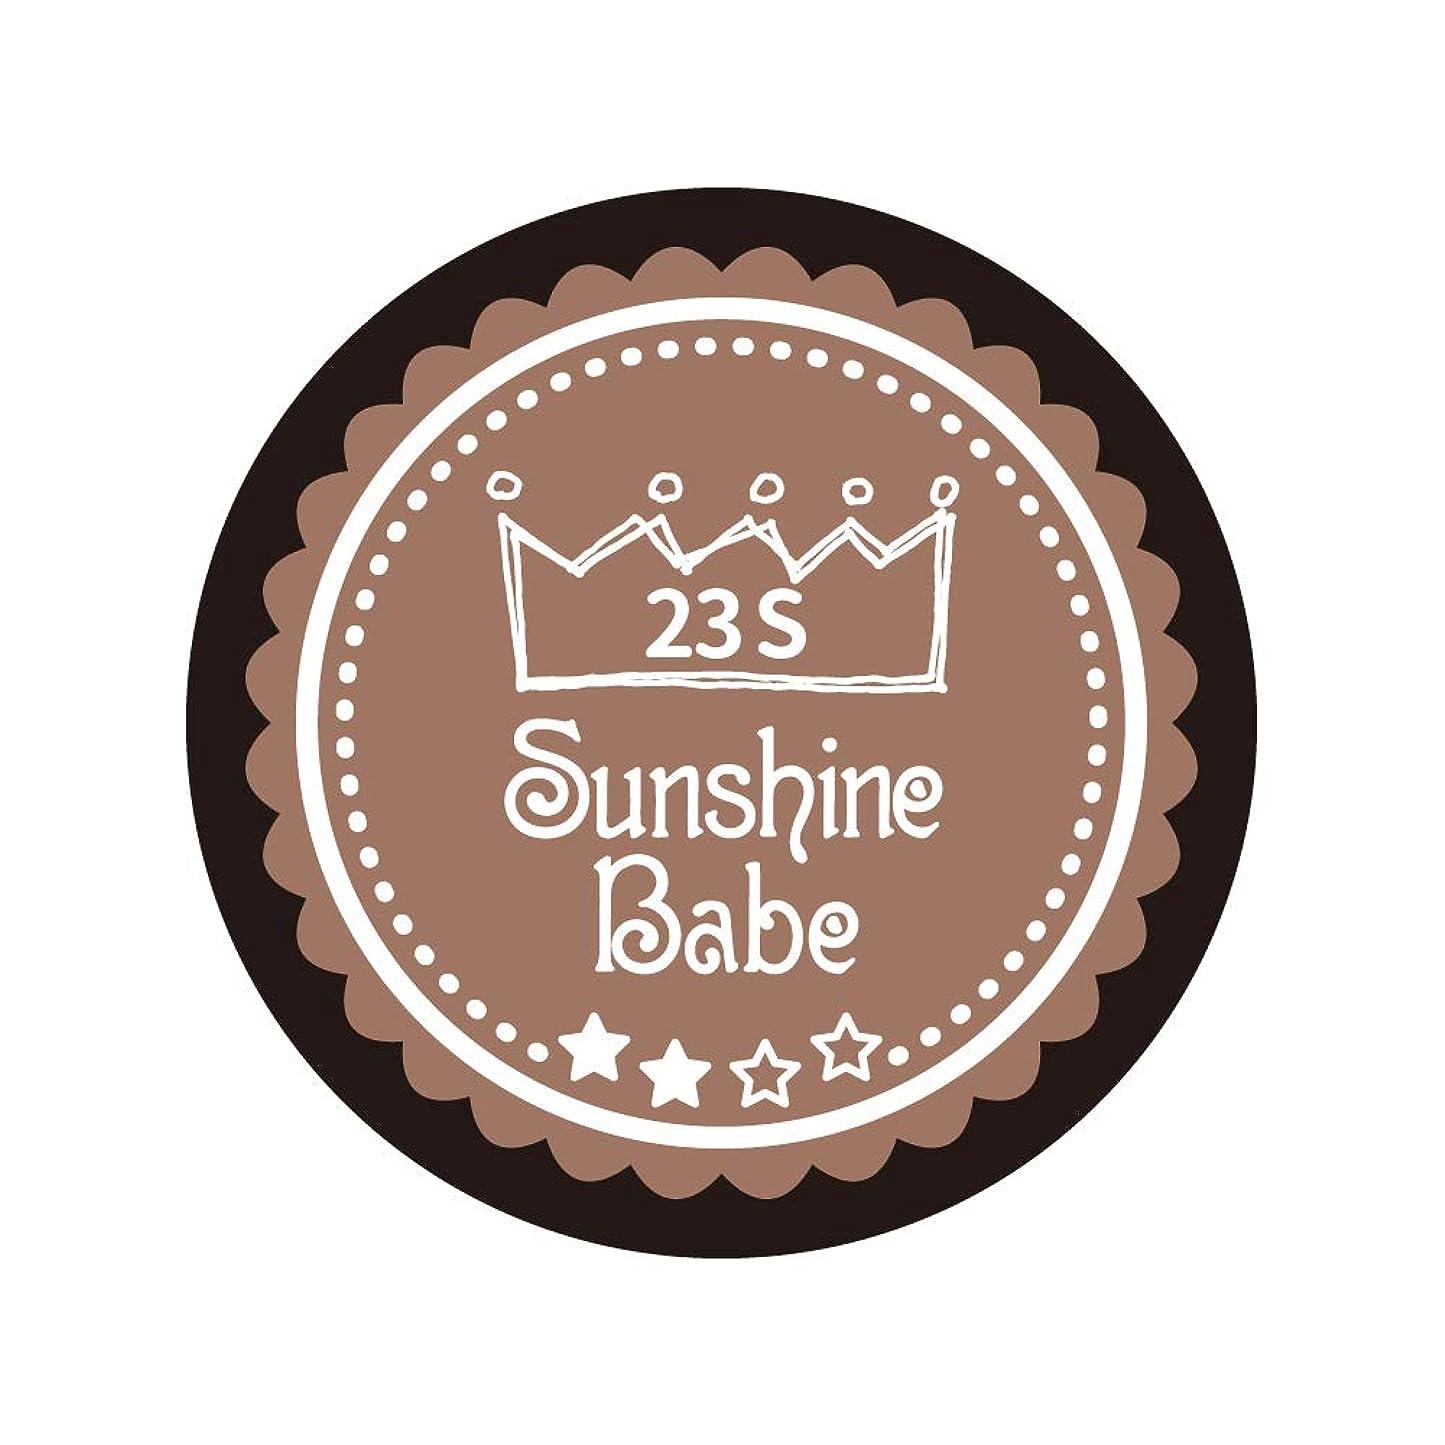 発行抗議ライフルSunshine Babe コスメティックカラー 23S パティキュリエール 4g UV/LED対応